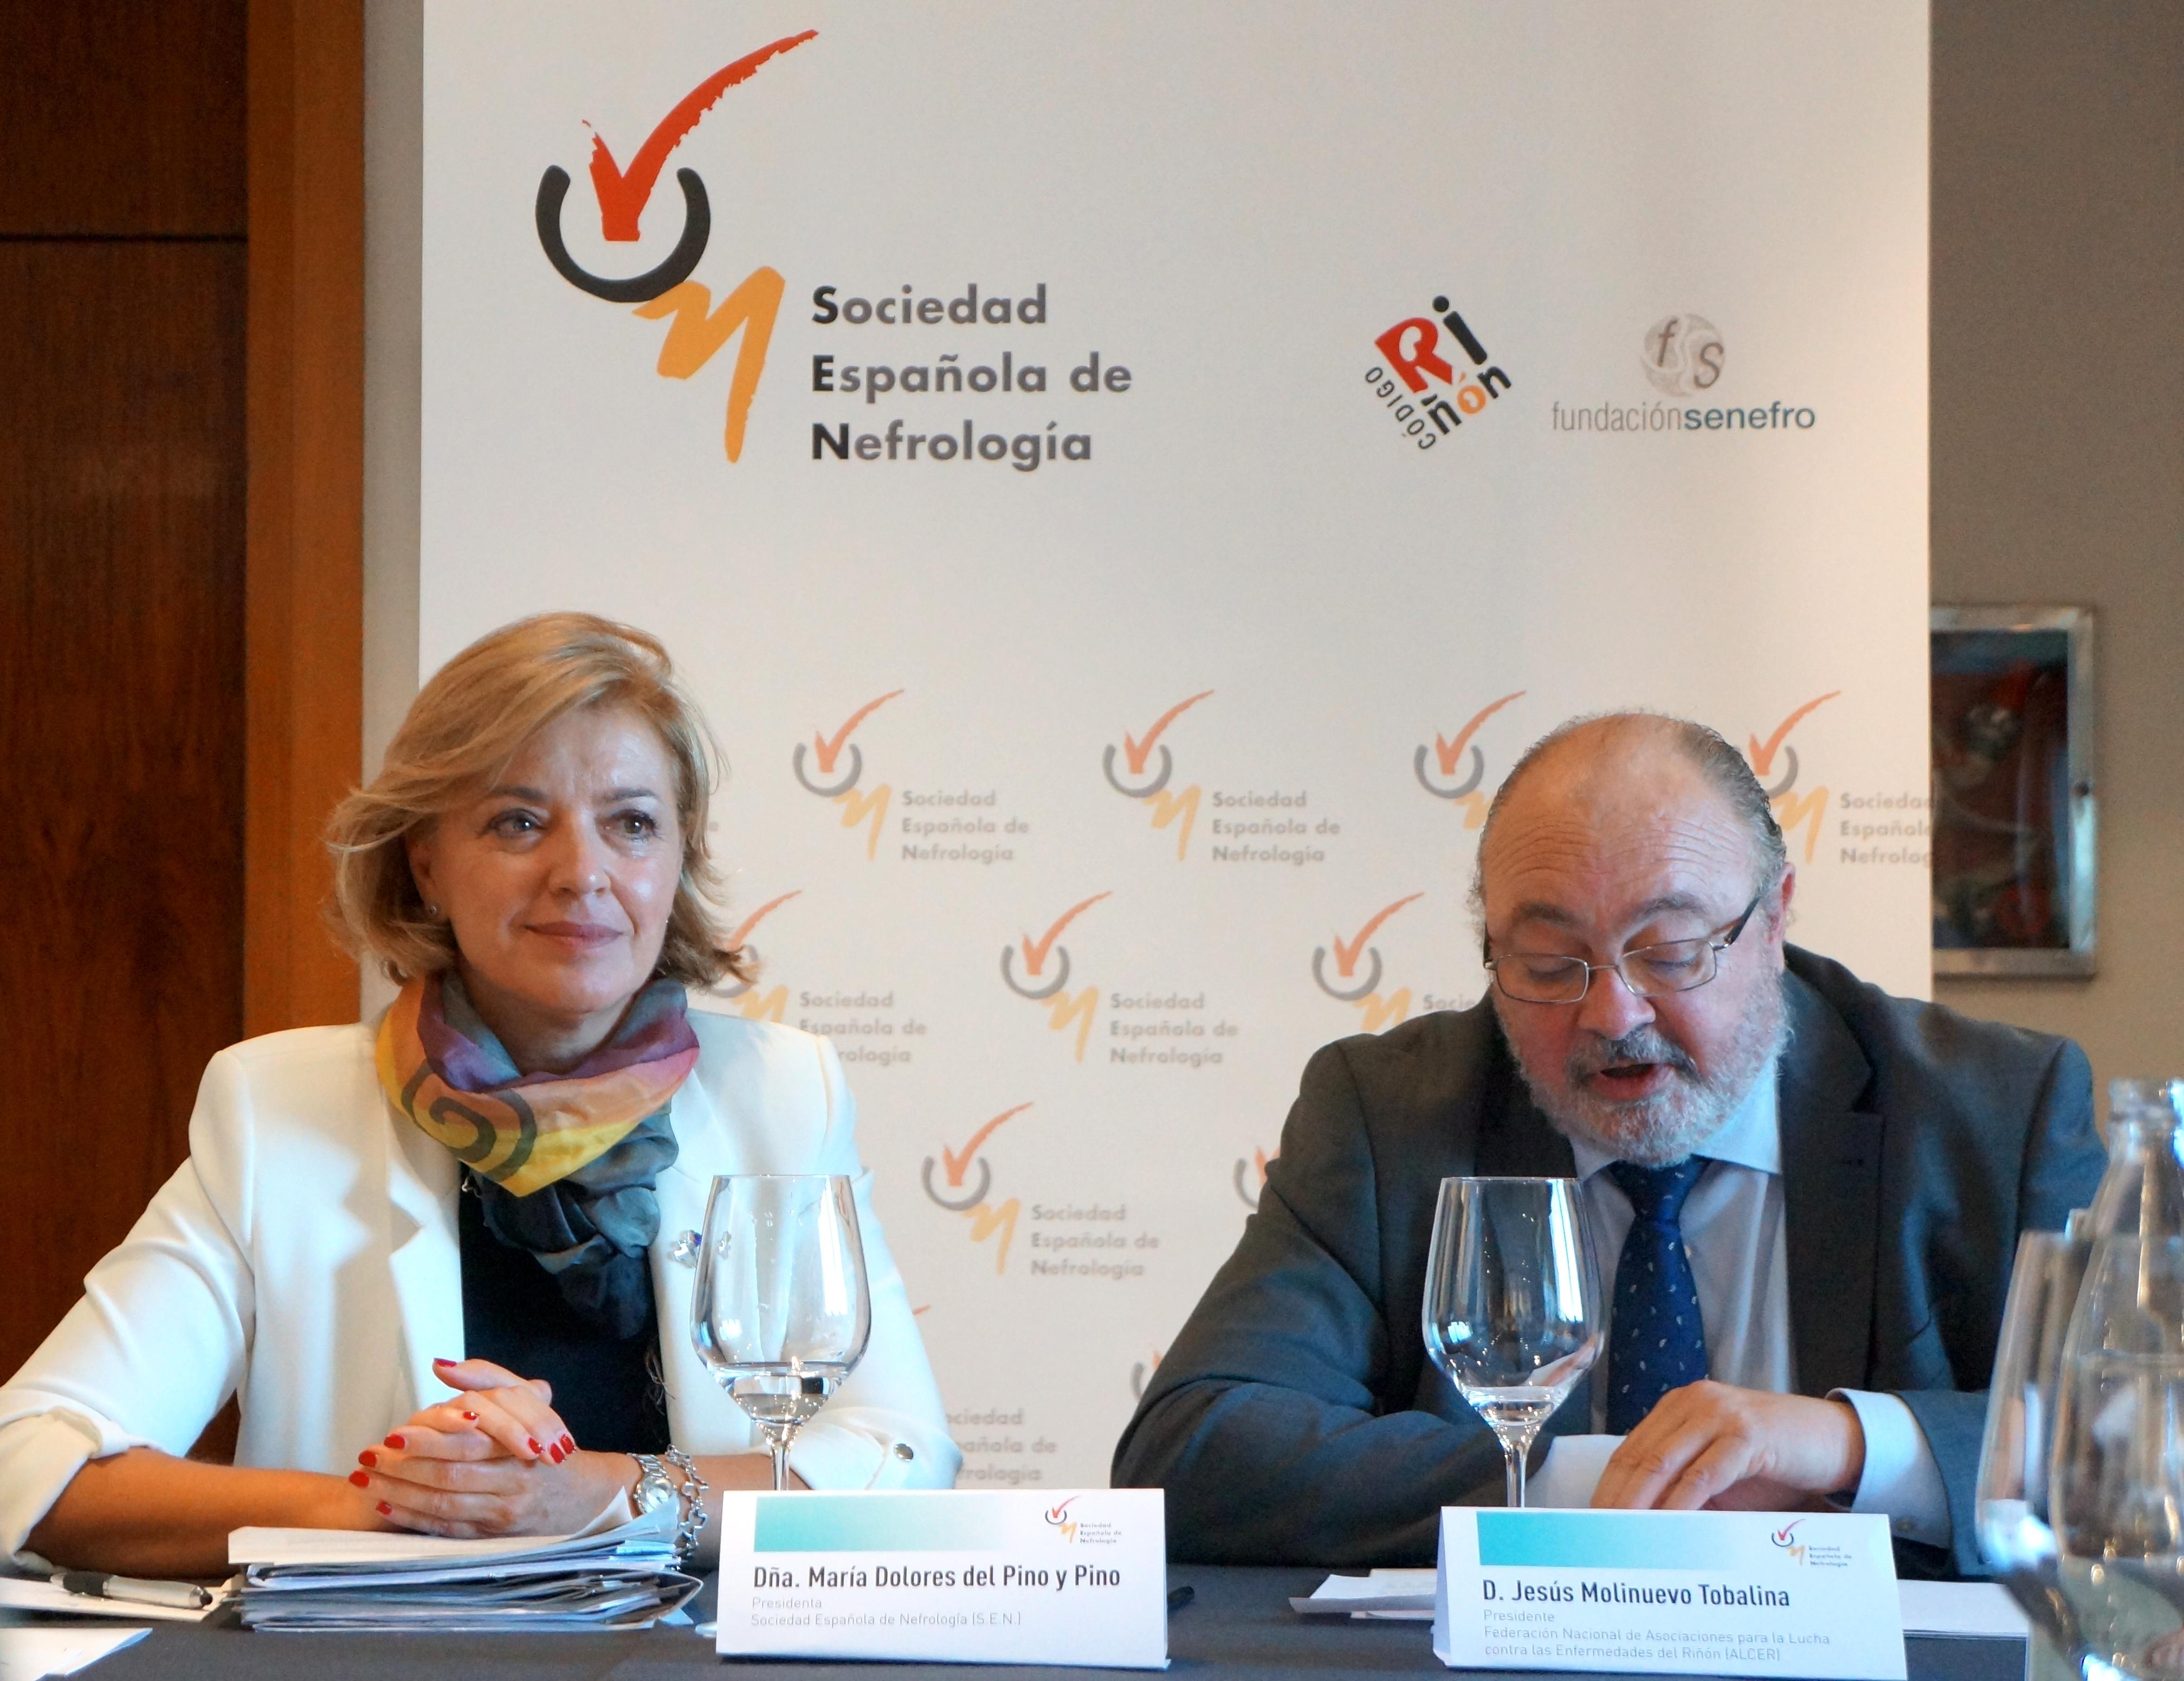 ALMERÍA: LA PREVALENCIA DE LA ENFERMEDAD RENAL CRÓNICA PASA EN ESPAÑA DEL 10% AL 15% EN POCO MÁS DE SEIS AÑOS